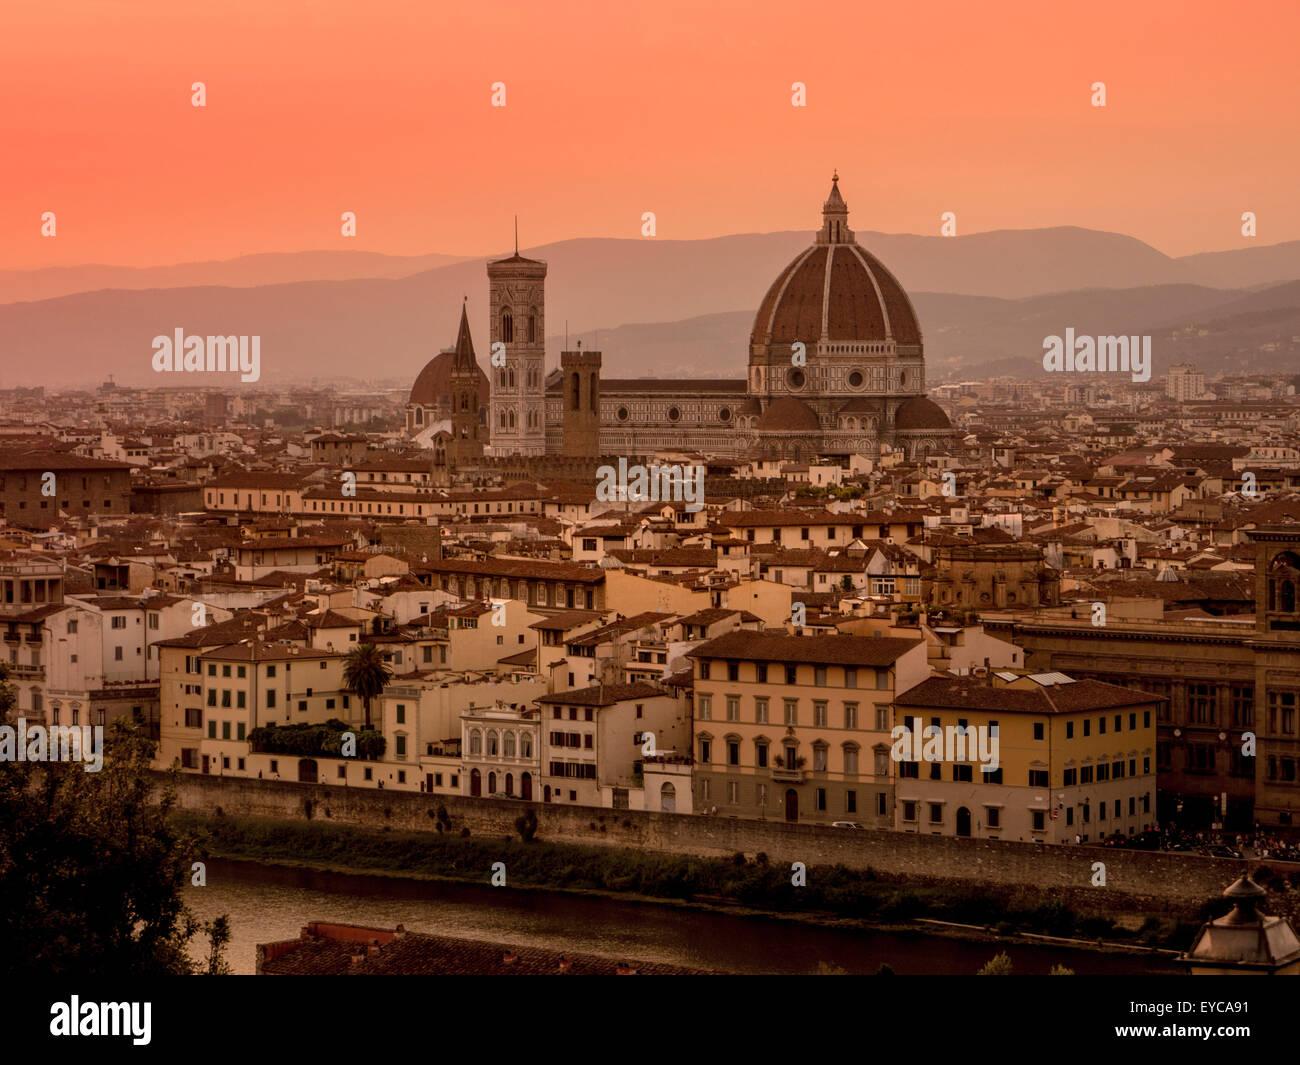 Il Duomo di Firenze al tramonto. Firenze, Italia. Immagini Stock